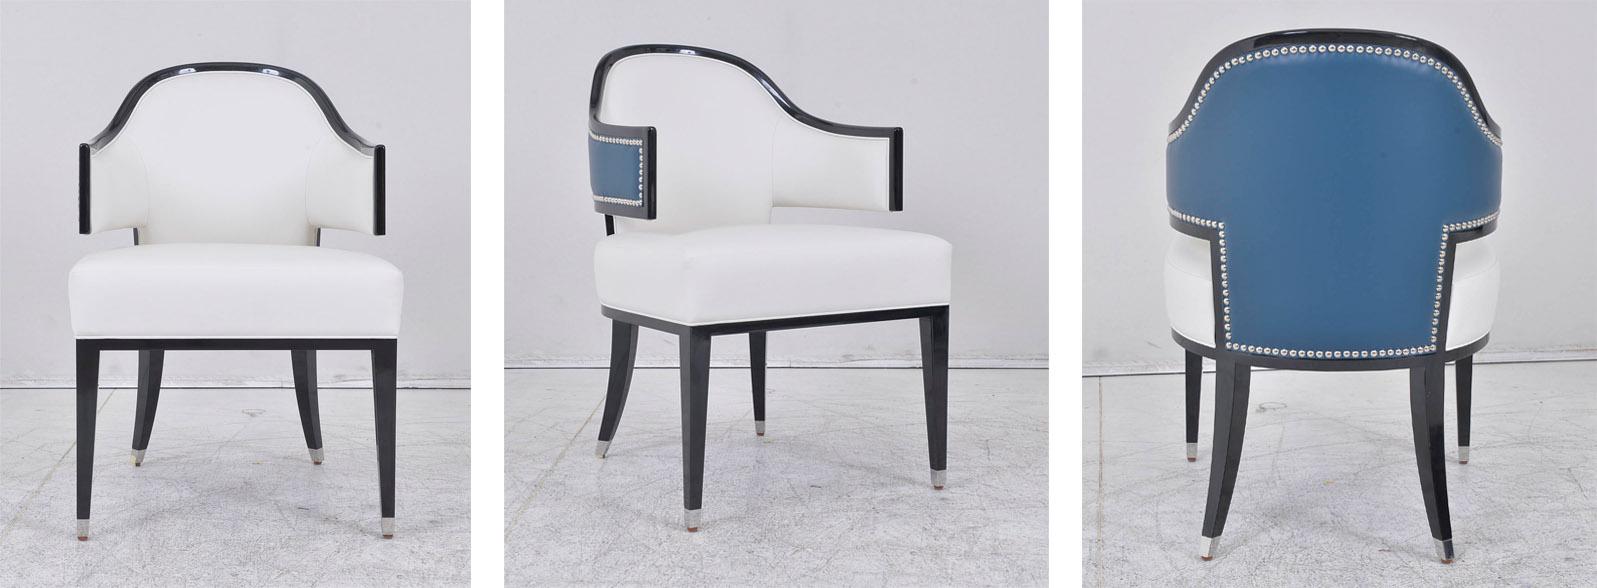 Bellagio Shanghai Dining Chair